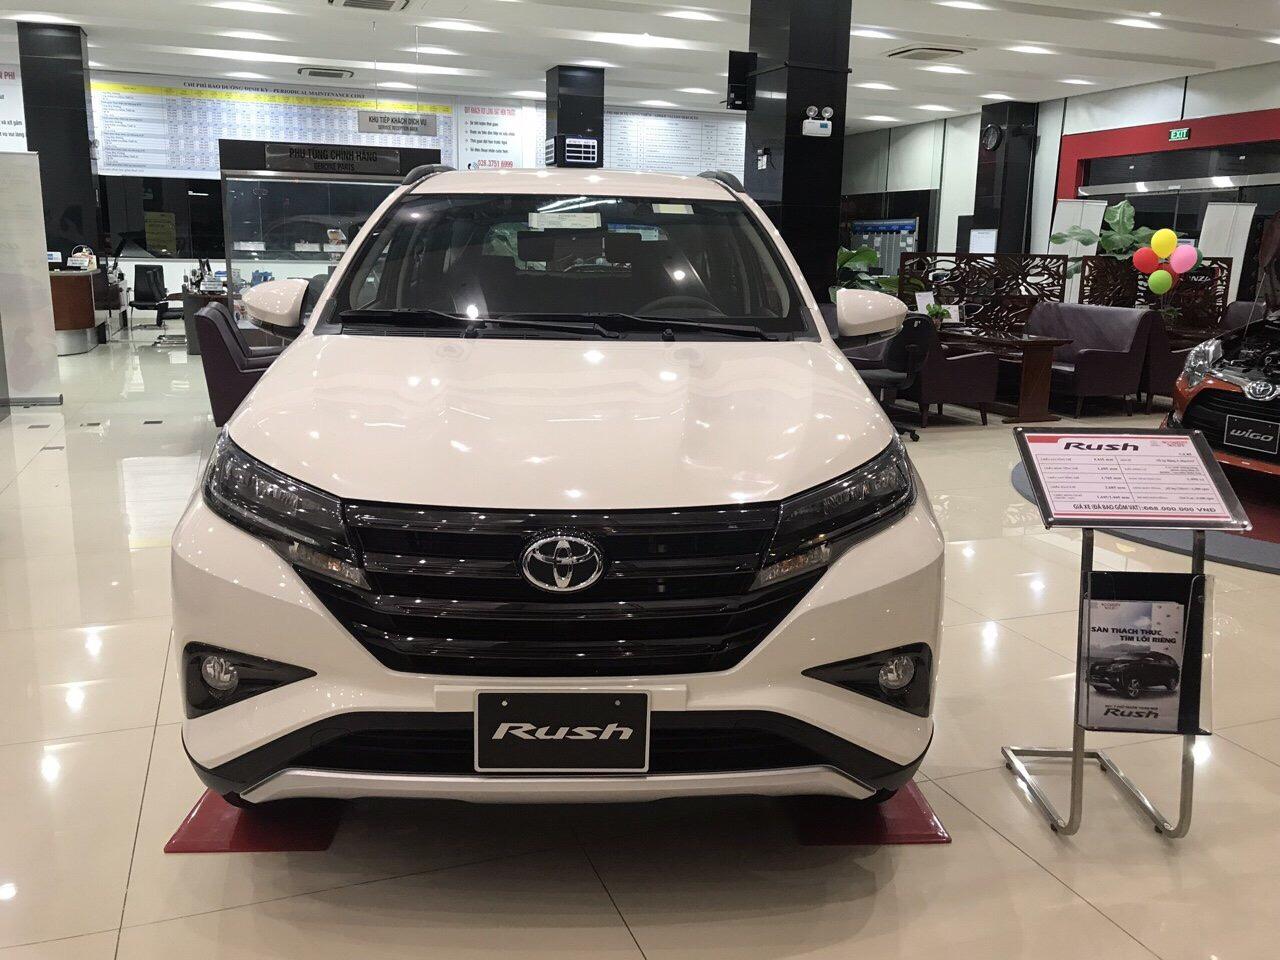 Toyota Rush màu trắng ảnh 3 - Toyota Rush: giá xe và khuyến mãi tháng [hienthithang]